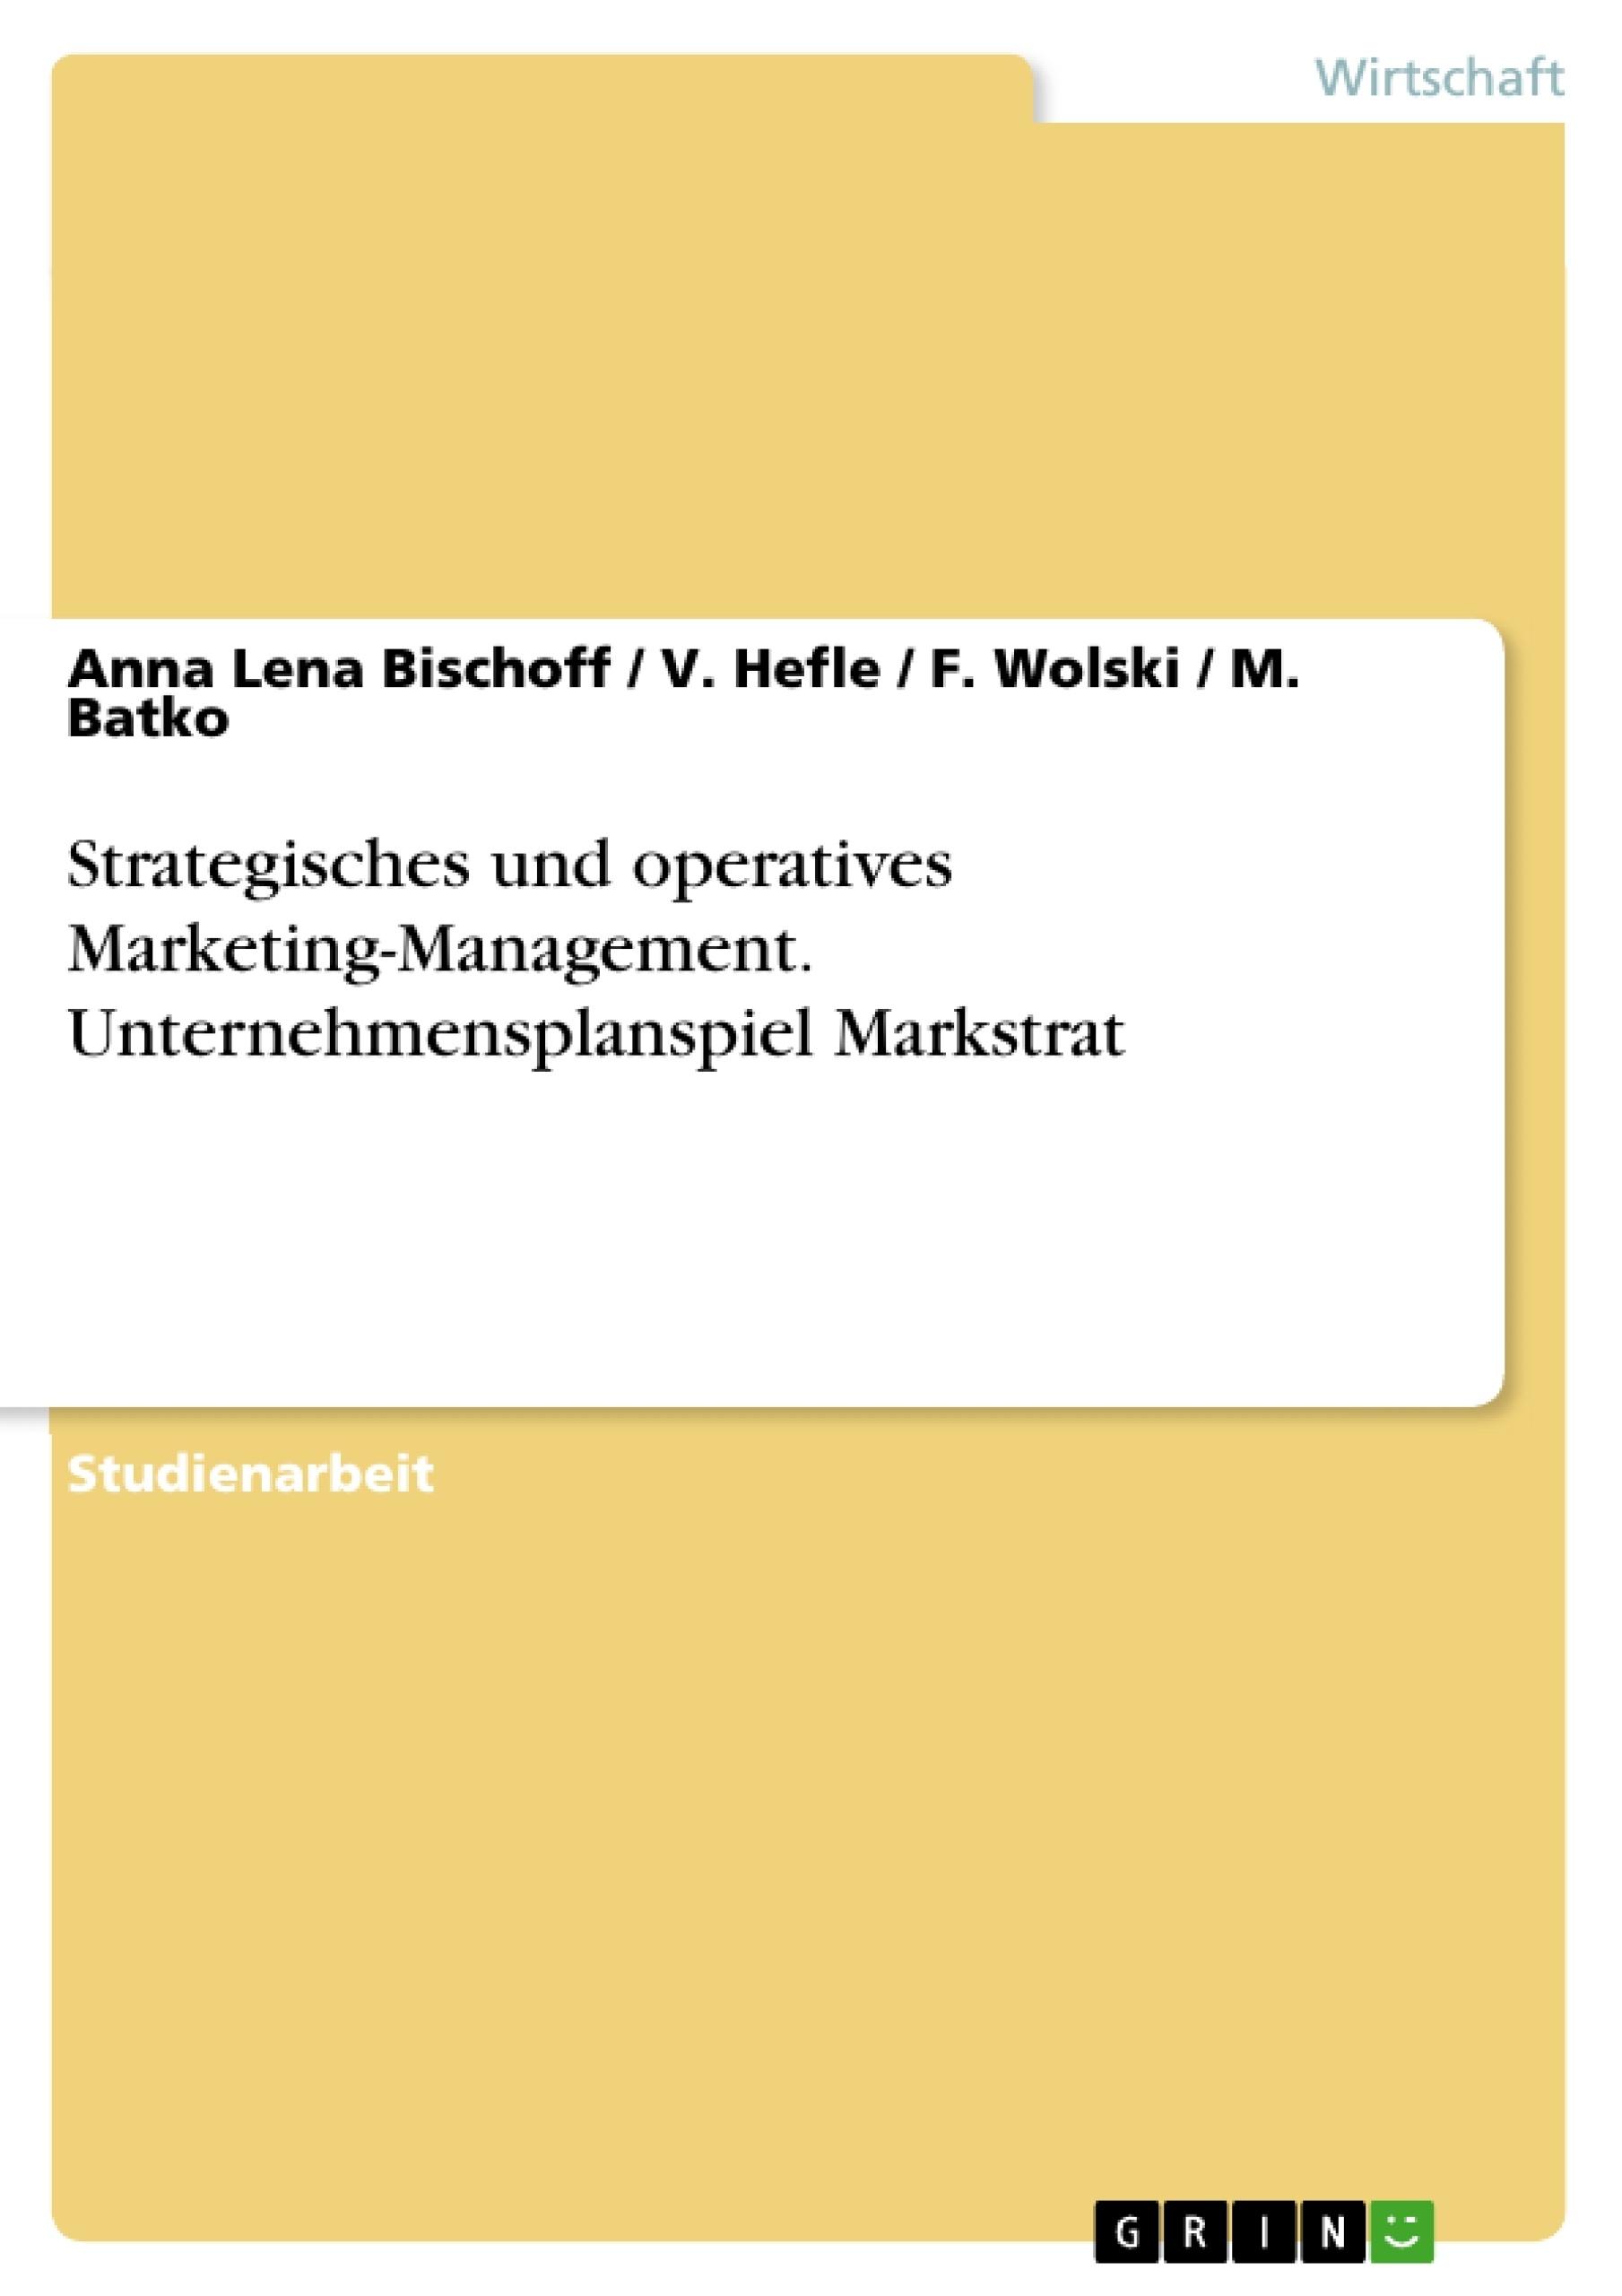 Titel: Strategisches und operatives Marketing-Management. Unternehmensplanspiel Markstrat